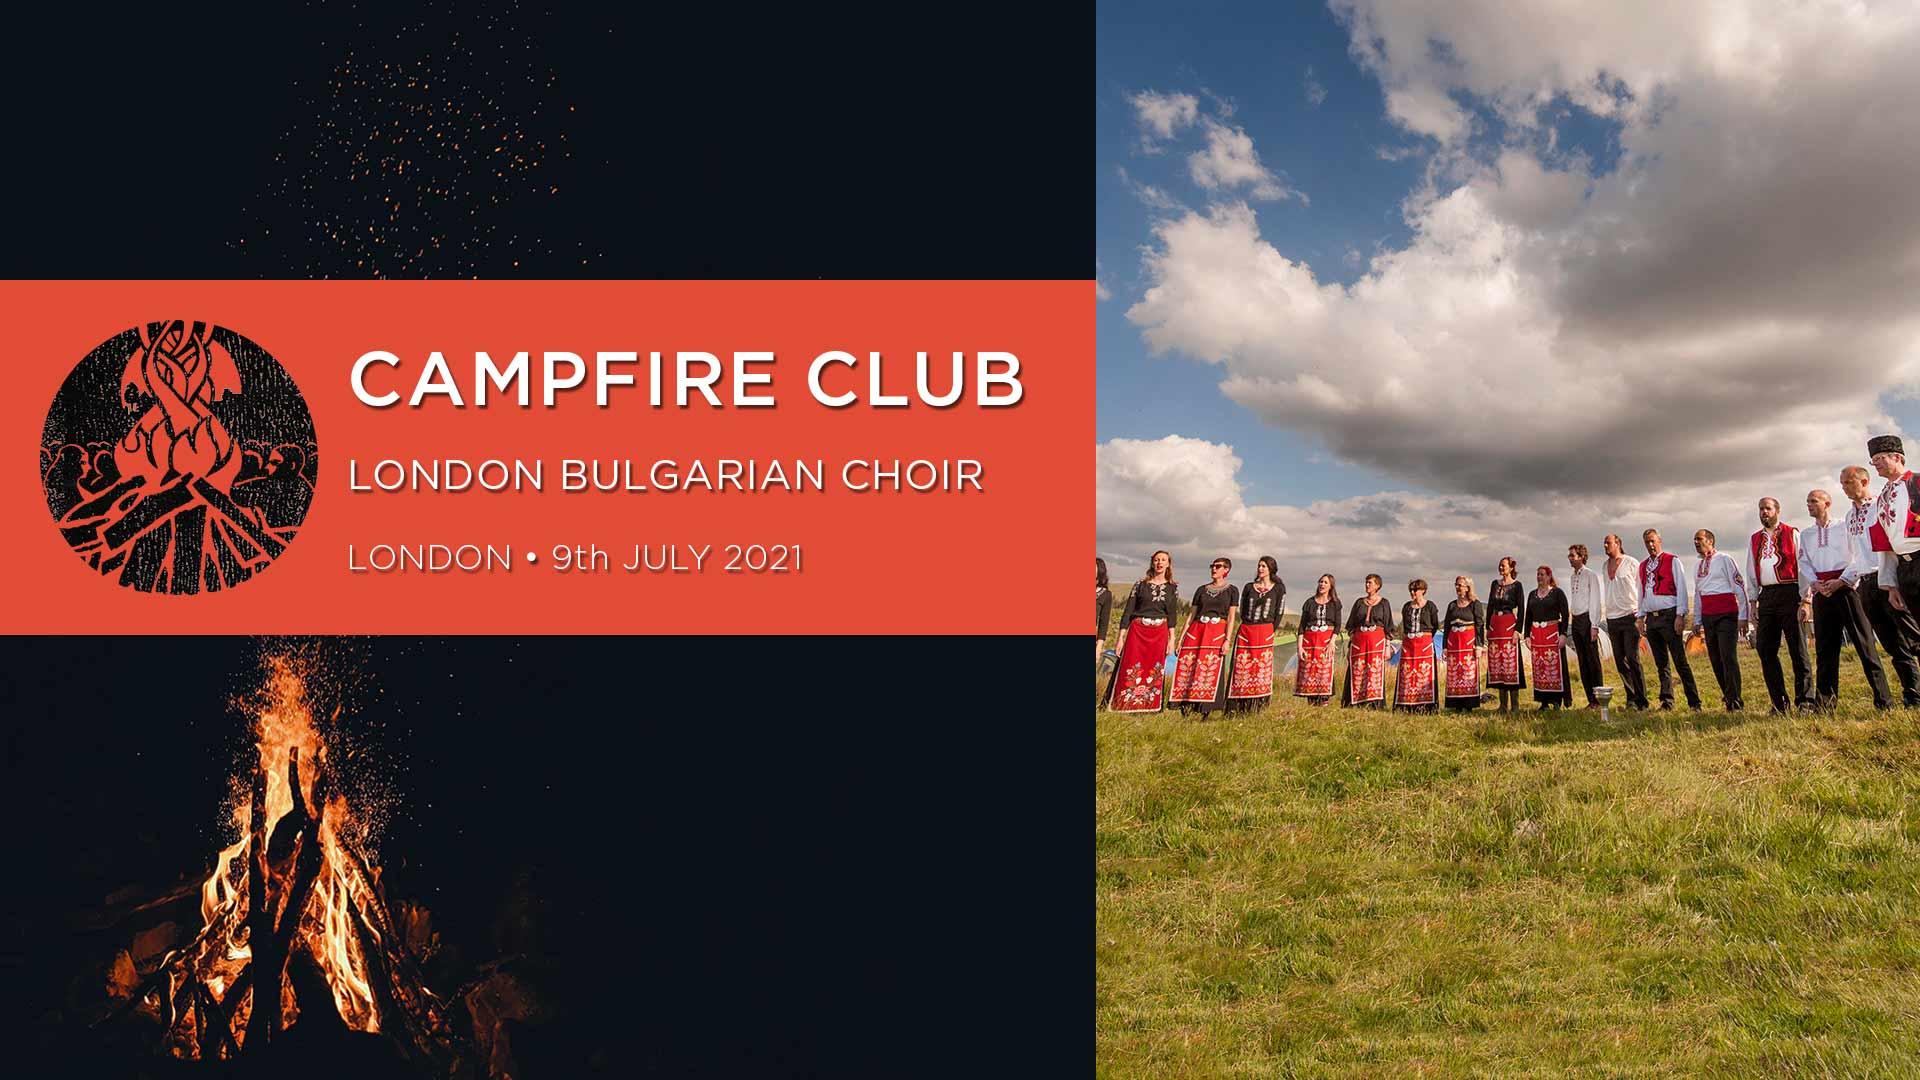 Choirs in London